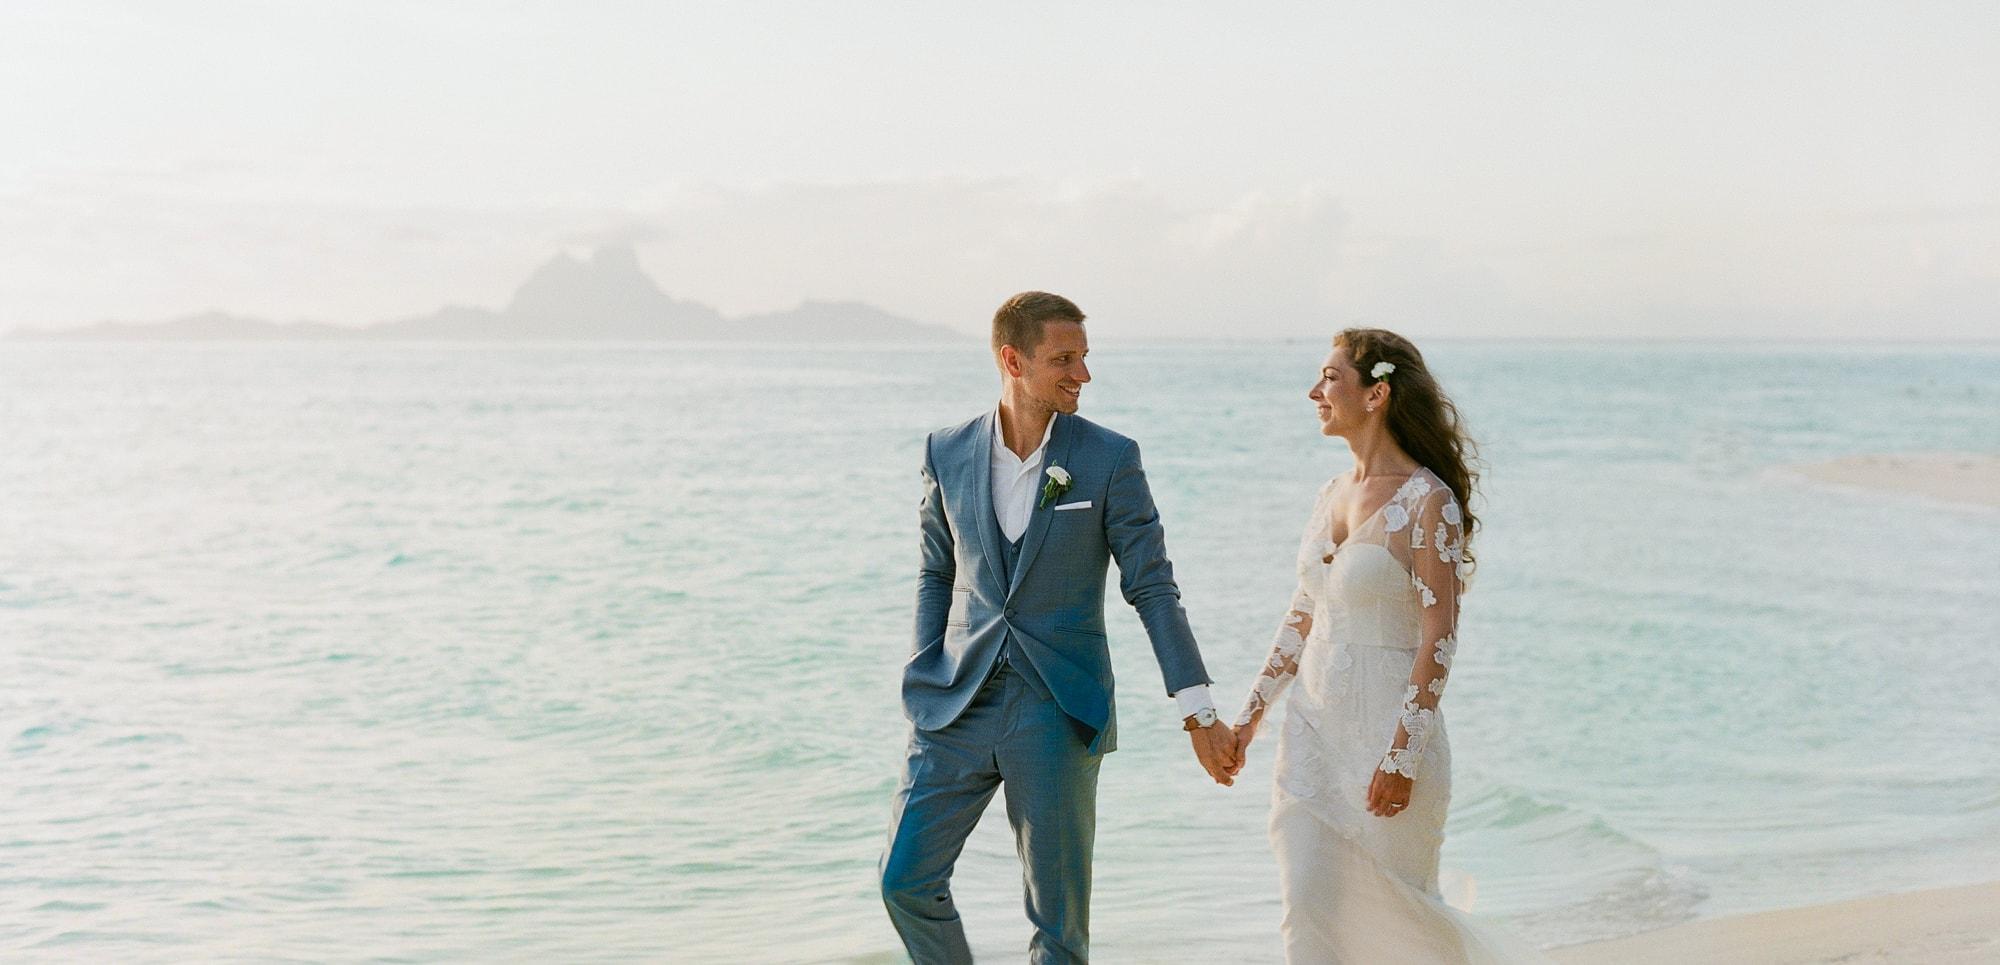 https://tahititourisme.cn/wp-content/uploads/2021/04/PCP-Bora-Bora-Photography-Couple-Wedding-sunset.jpg